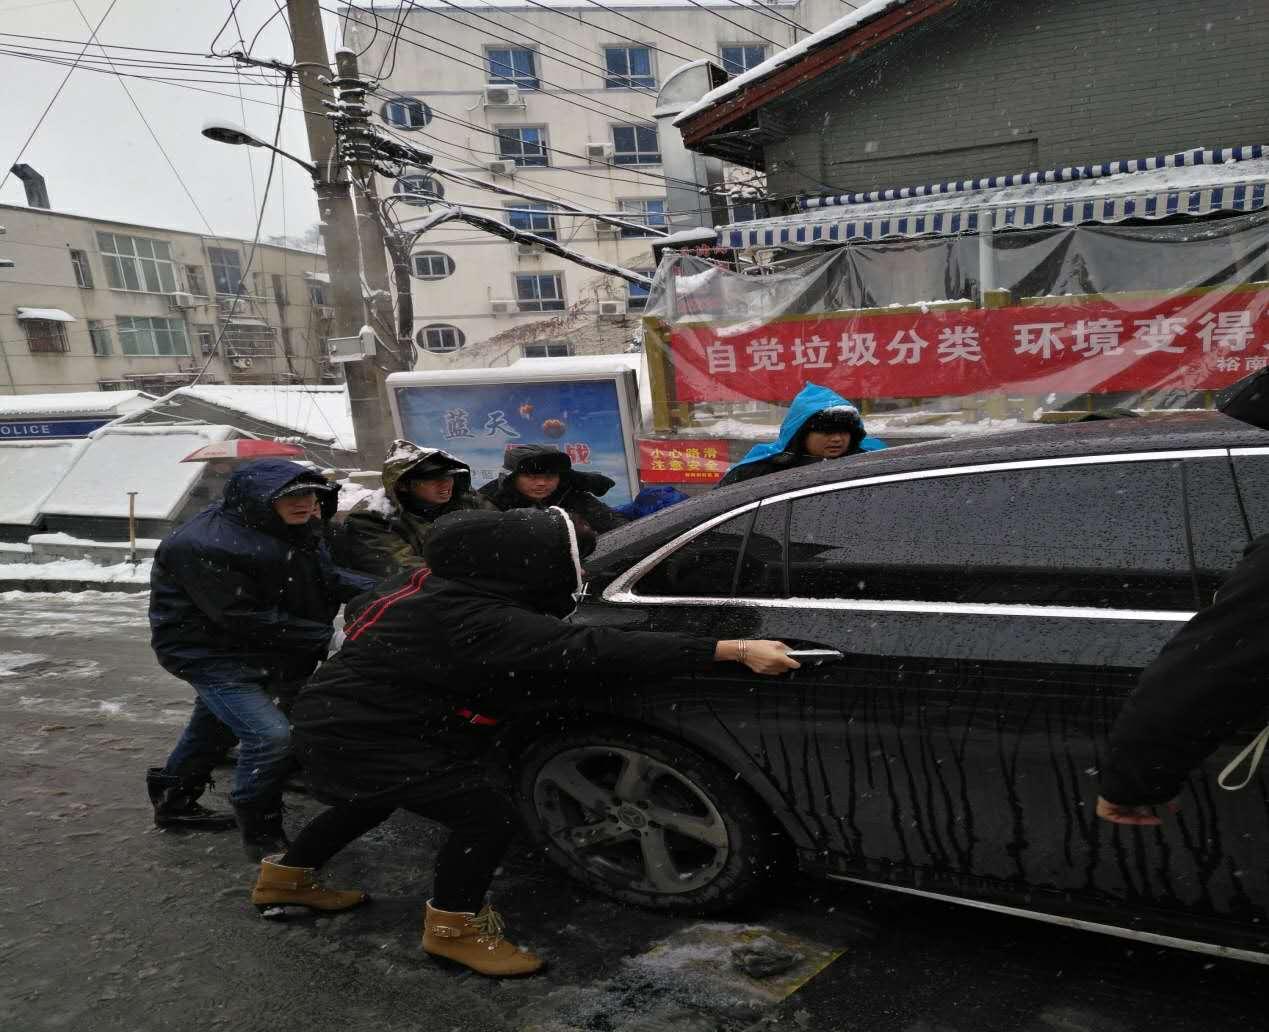 """迎战冰雪丨网格志愿者""""奋战一线""""   裕南街社区铲雪行动暖人心"""